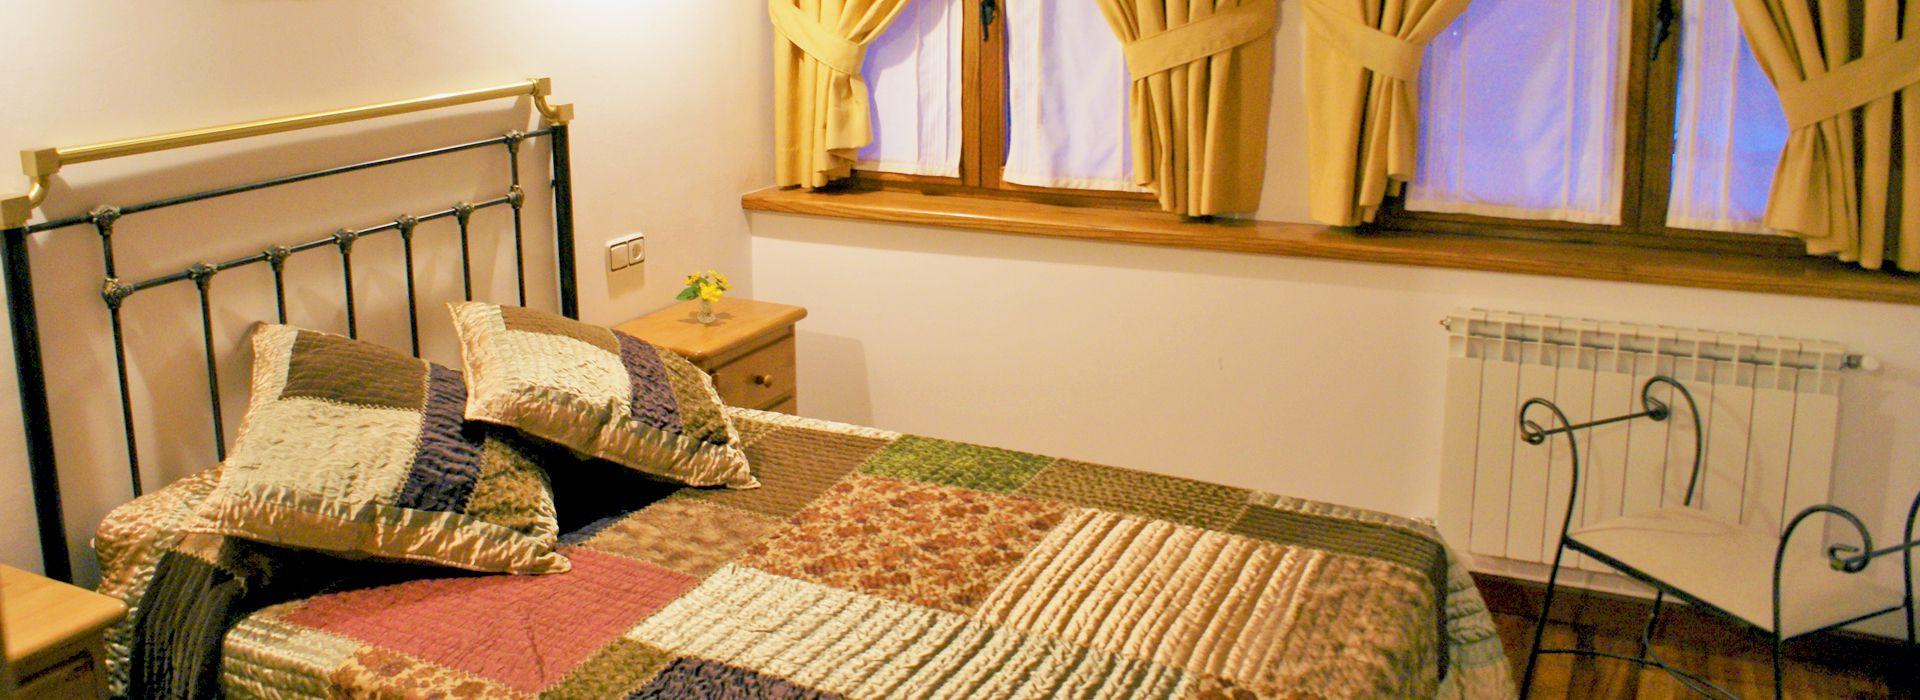 habitacion-matrimonio-casa-rural-liebana-el-canton